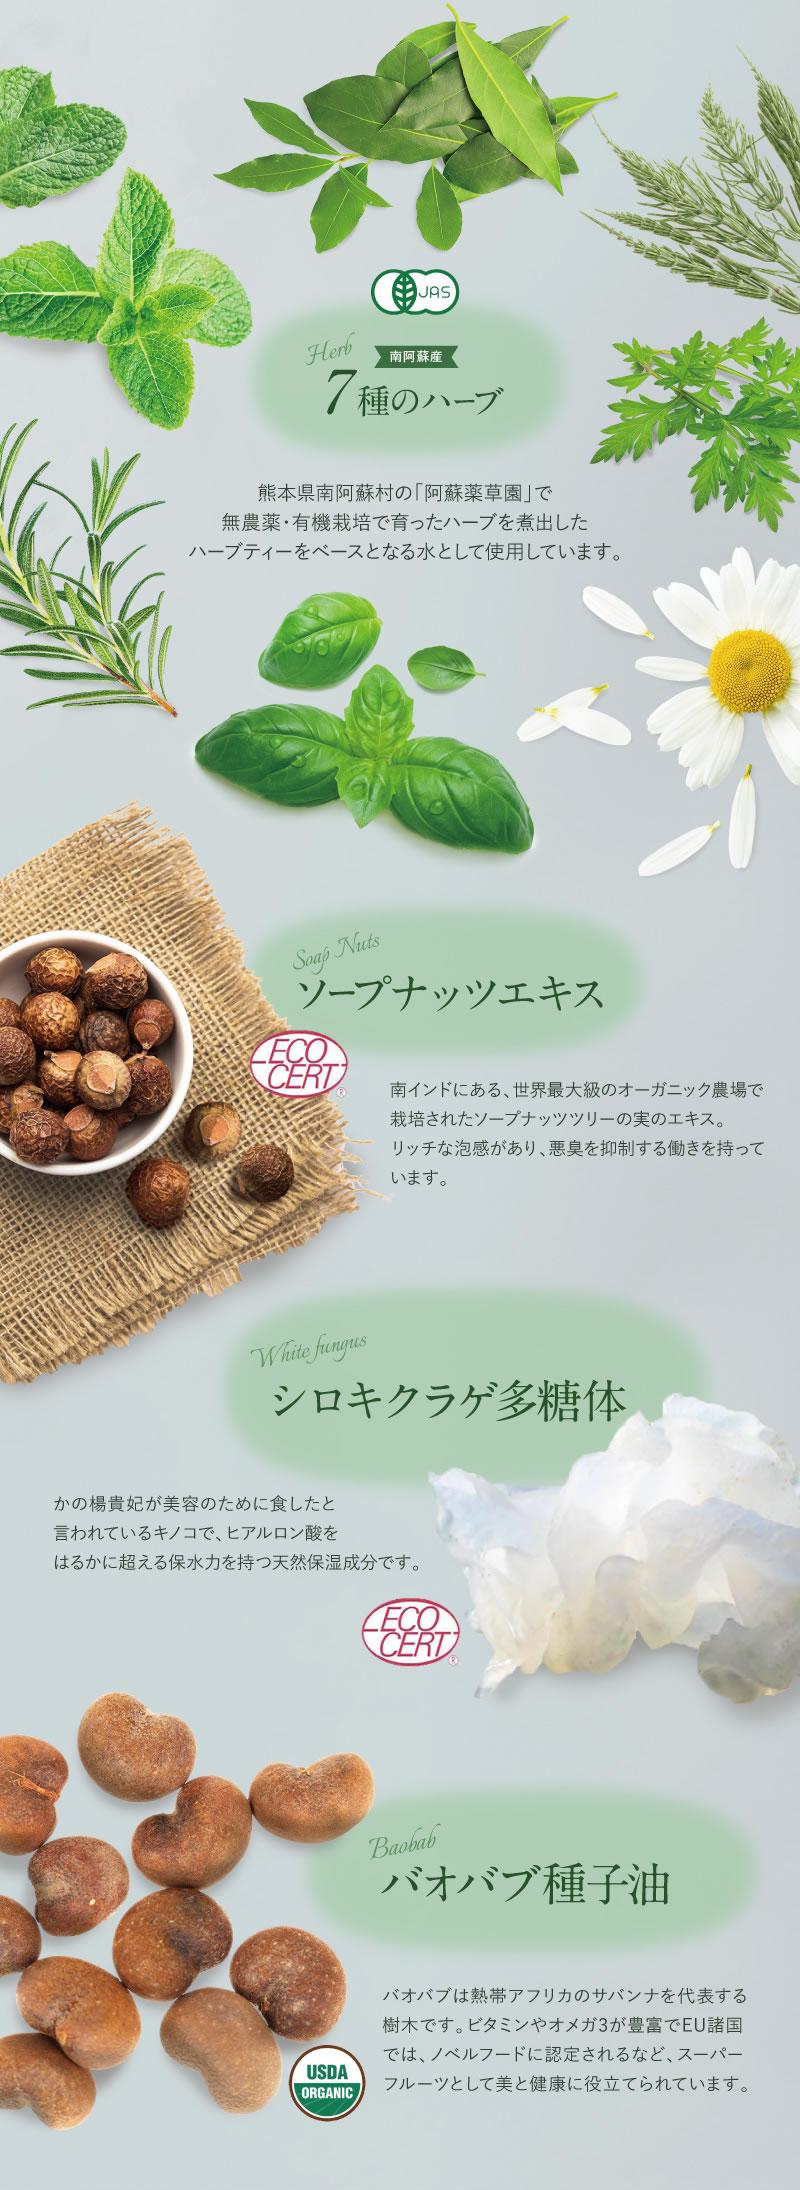 南阿蘇産7種のハーブ ソープナッツエキス シロキクラゲ多糖体 バオバブ種子油